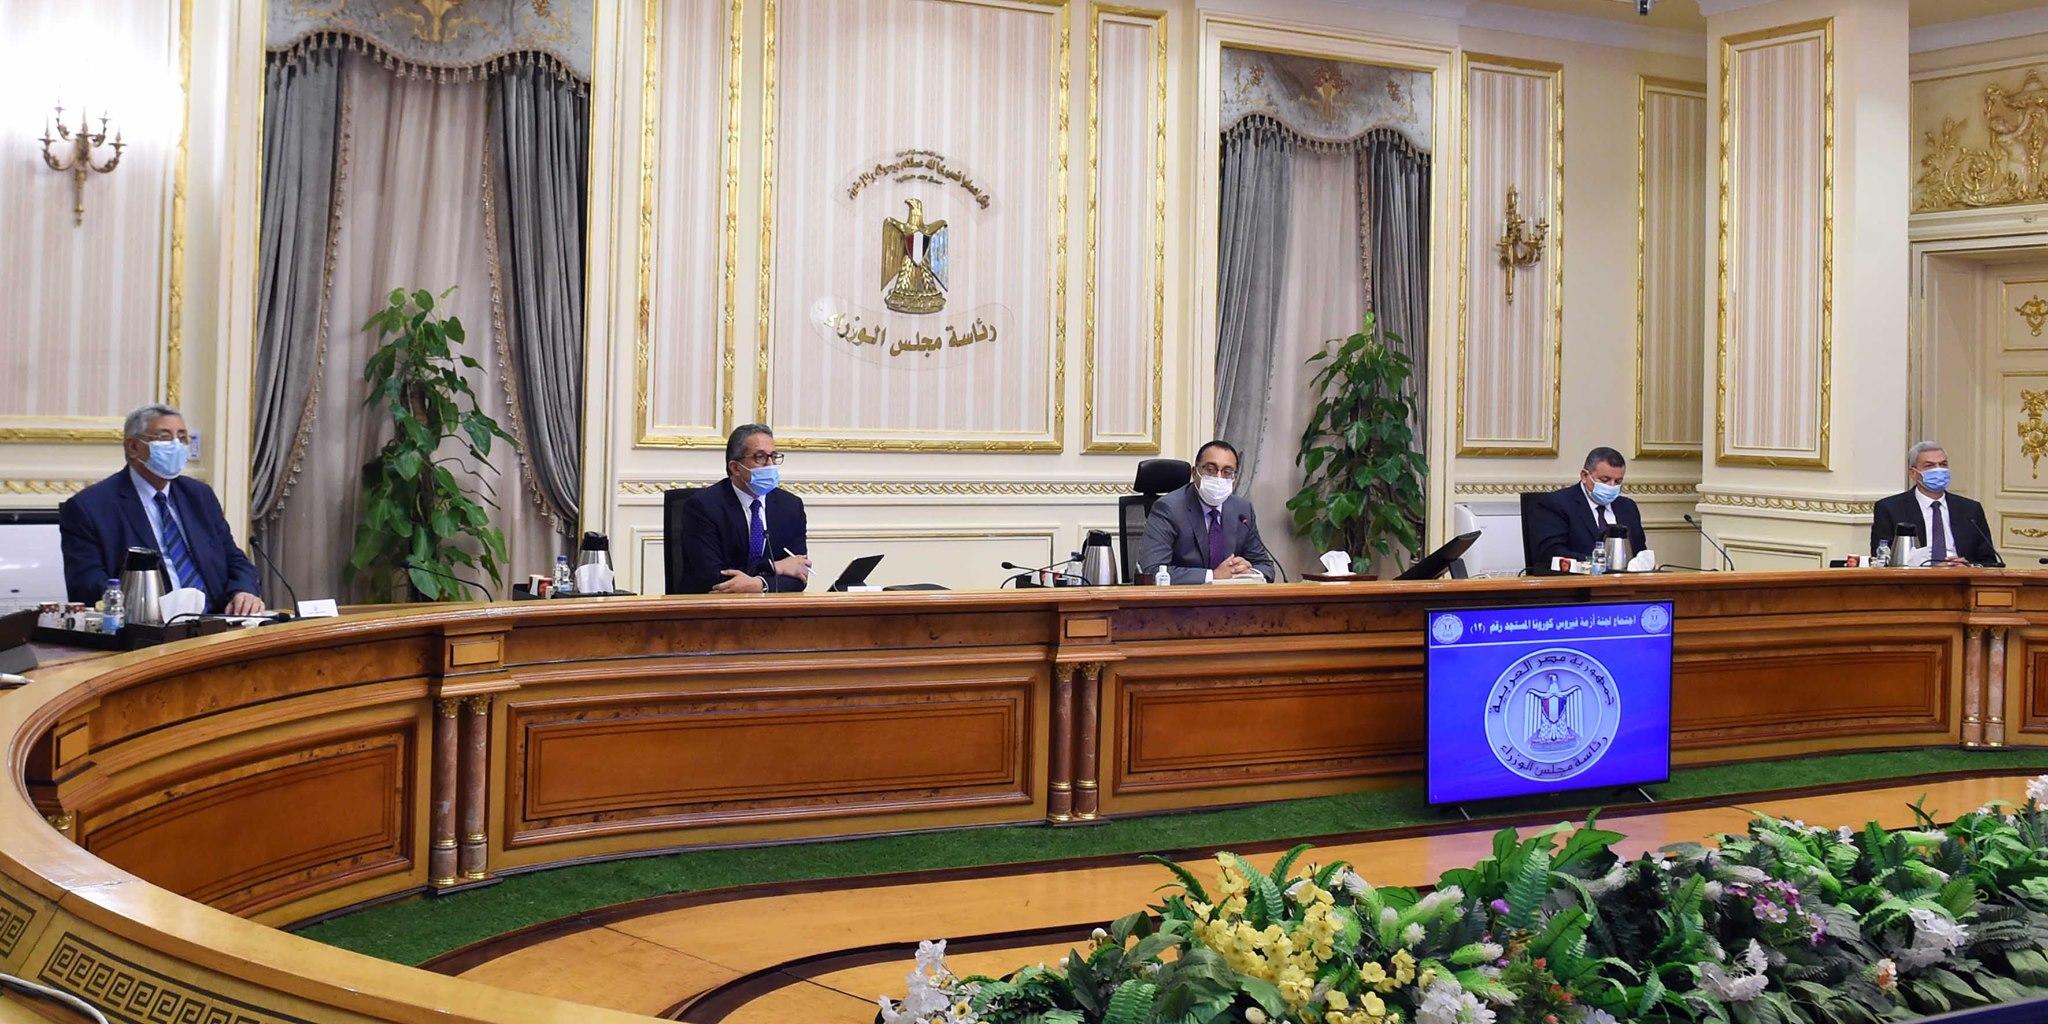 صور | رئيس الوزراء يرأس اجتماع اللجنة العليا لإدارة أزمة كورونا